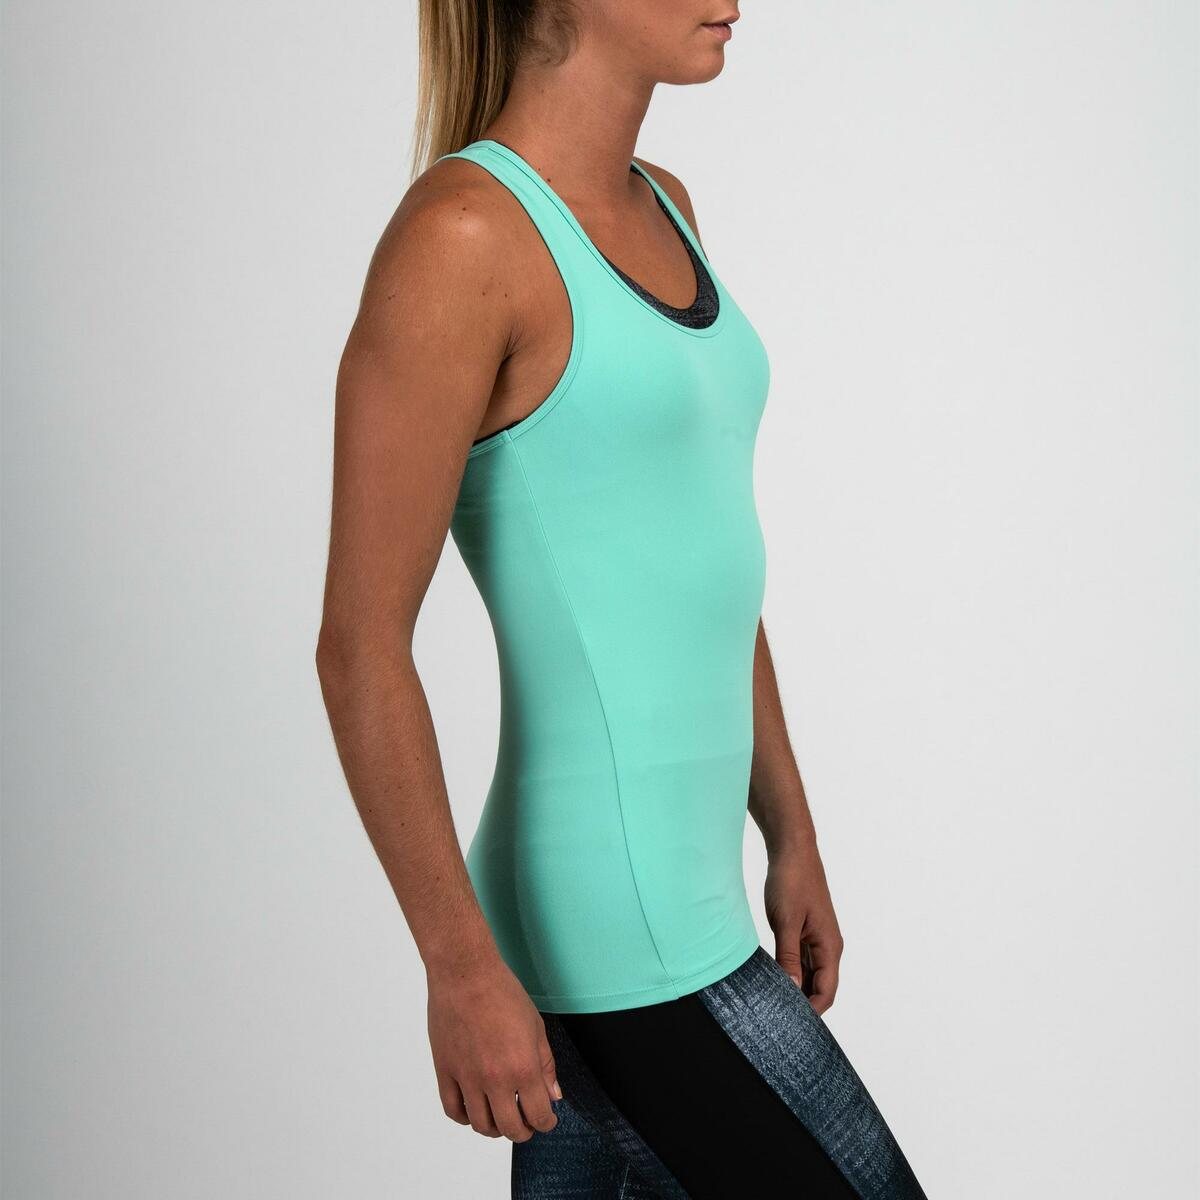 Bild 2 von My Top 100 Fitness Cardio Damen türkis